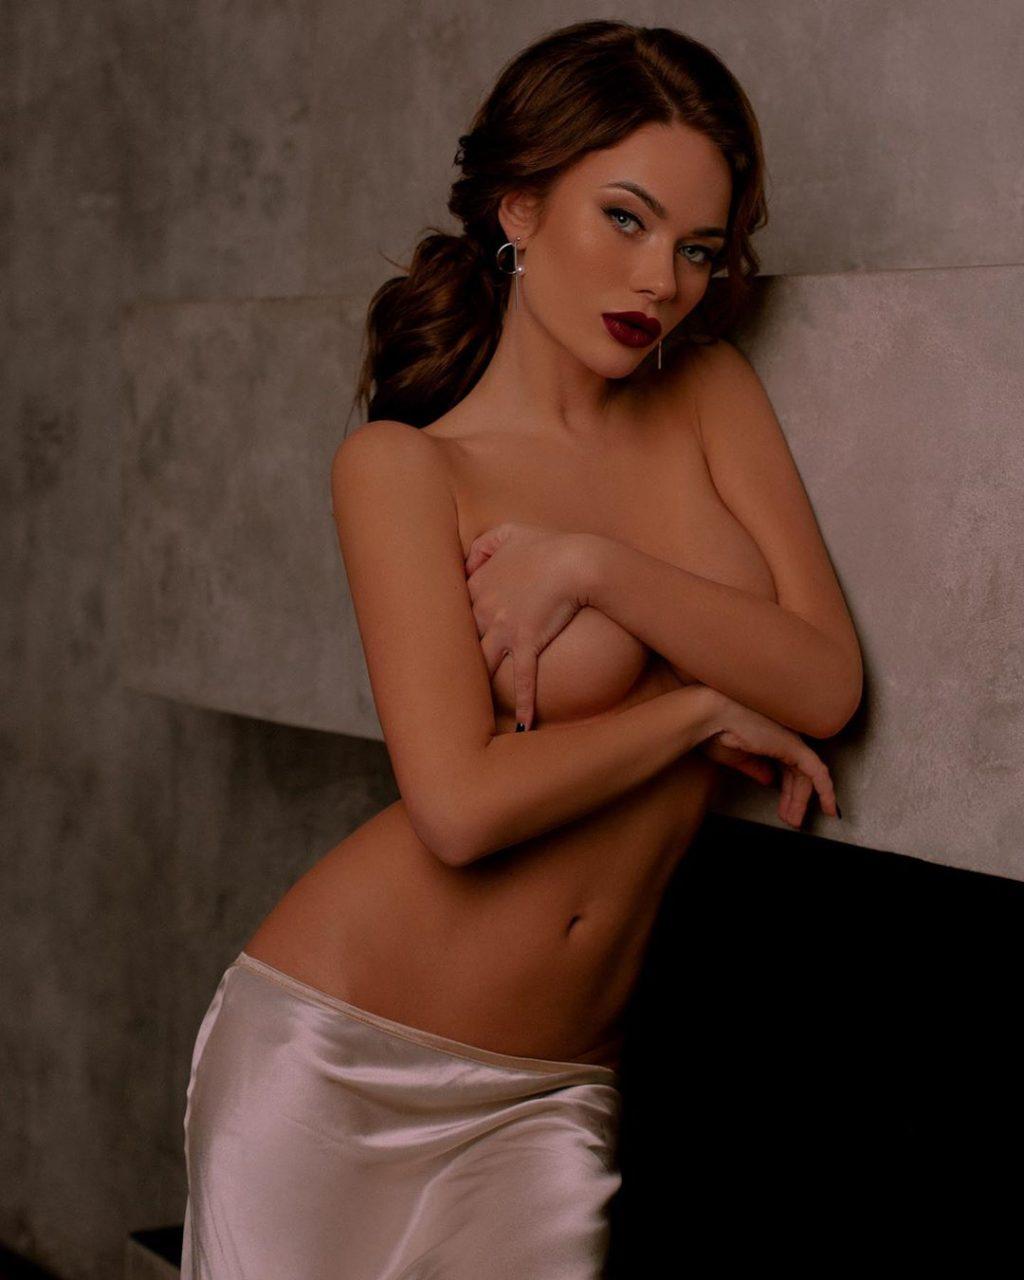 Yana Koshkina Nude (4 Photos)